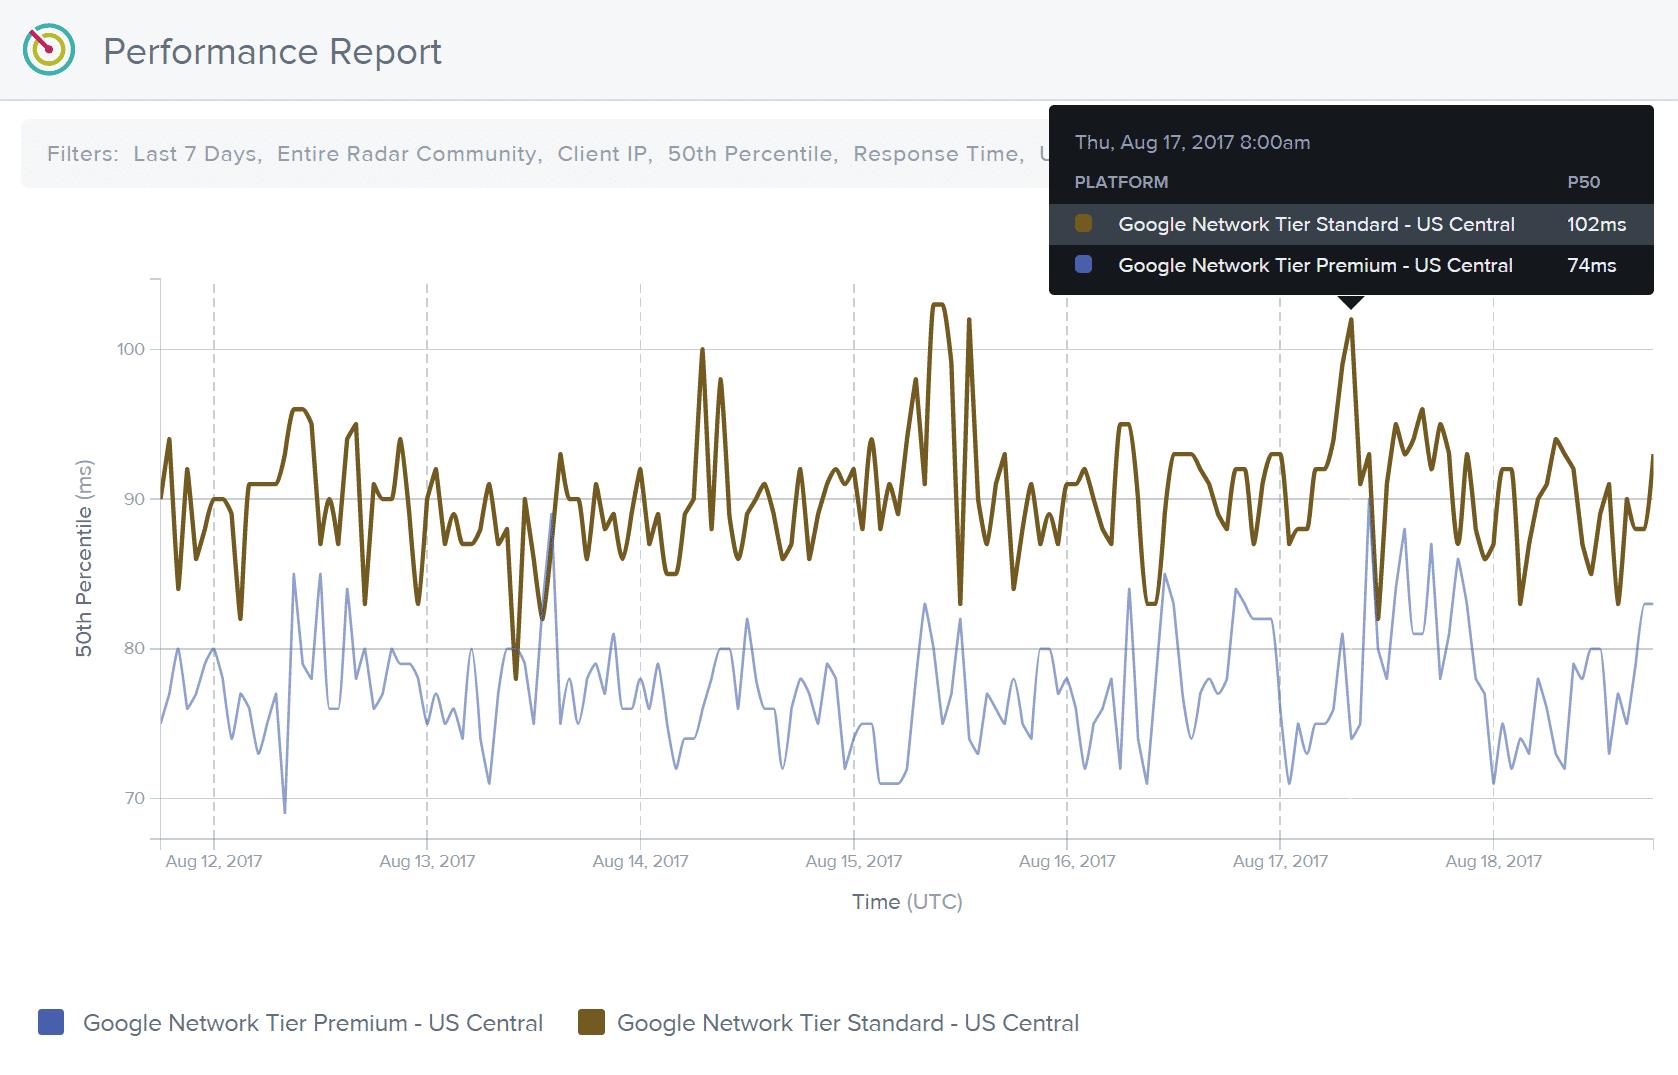 Google Cloud premium tier latence de niveau premium par rapport au niveau standard